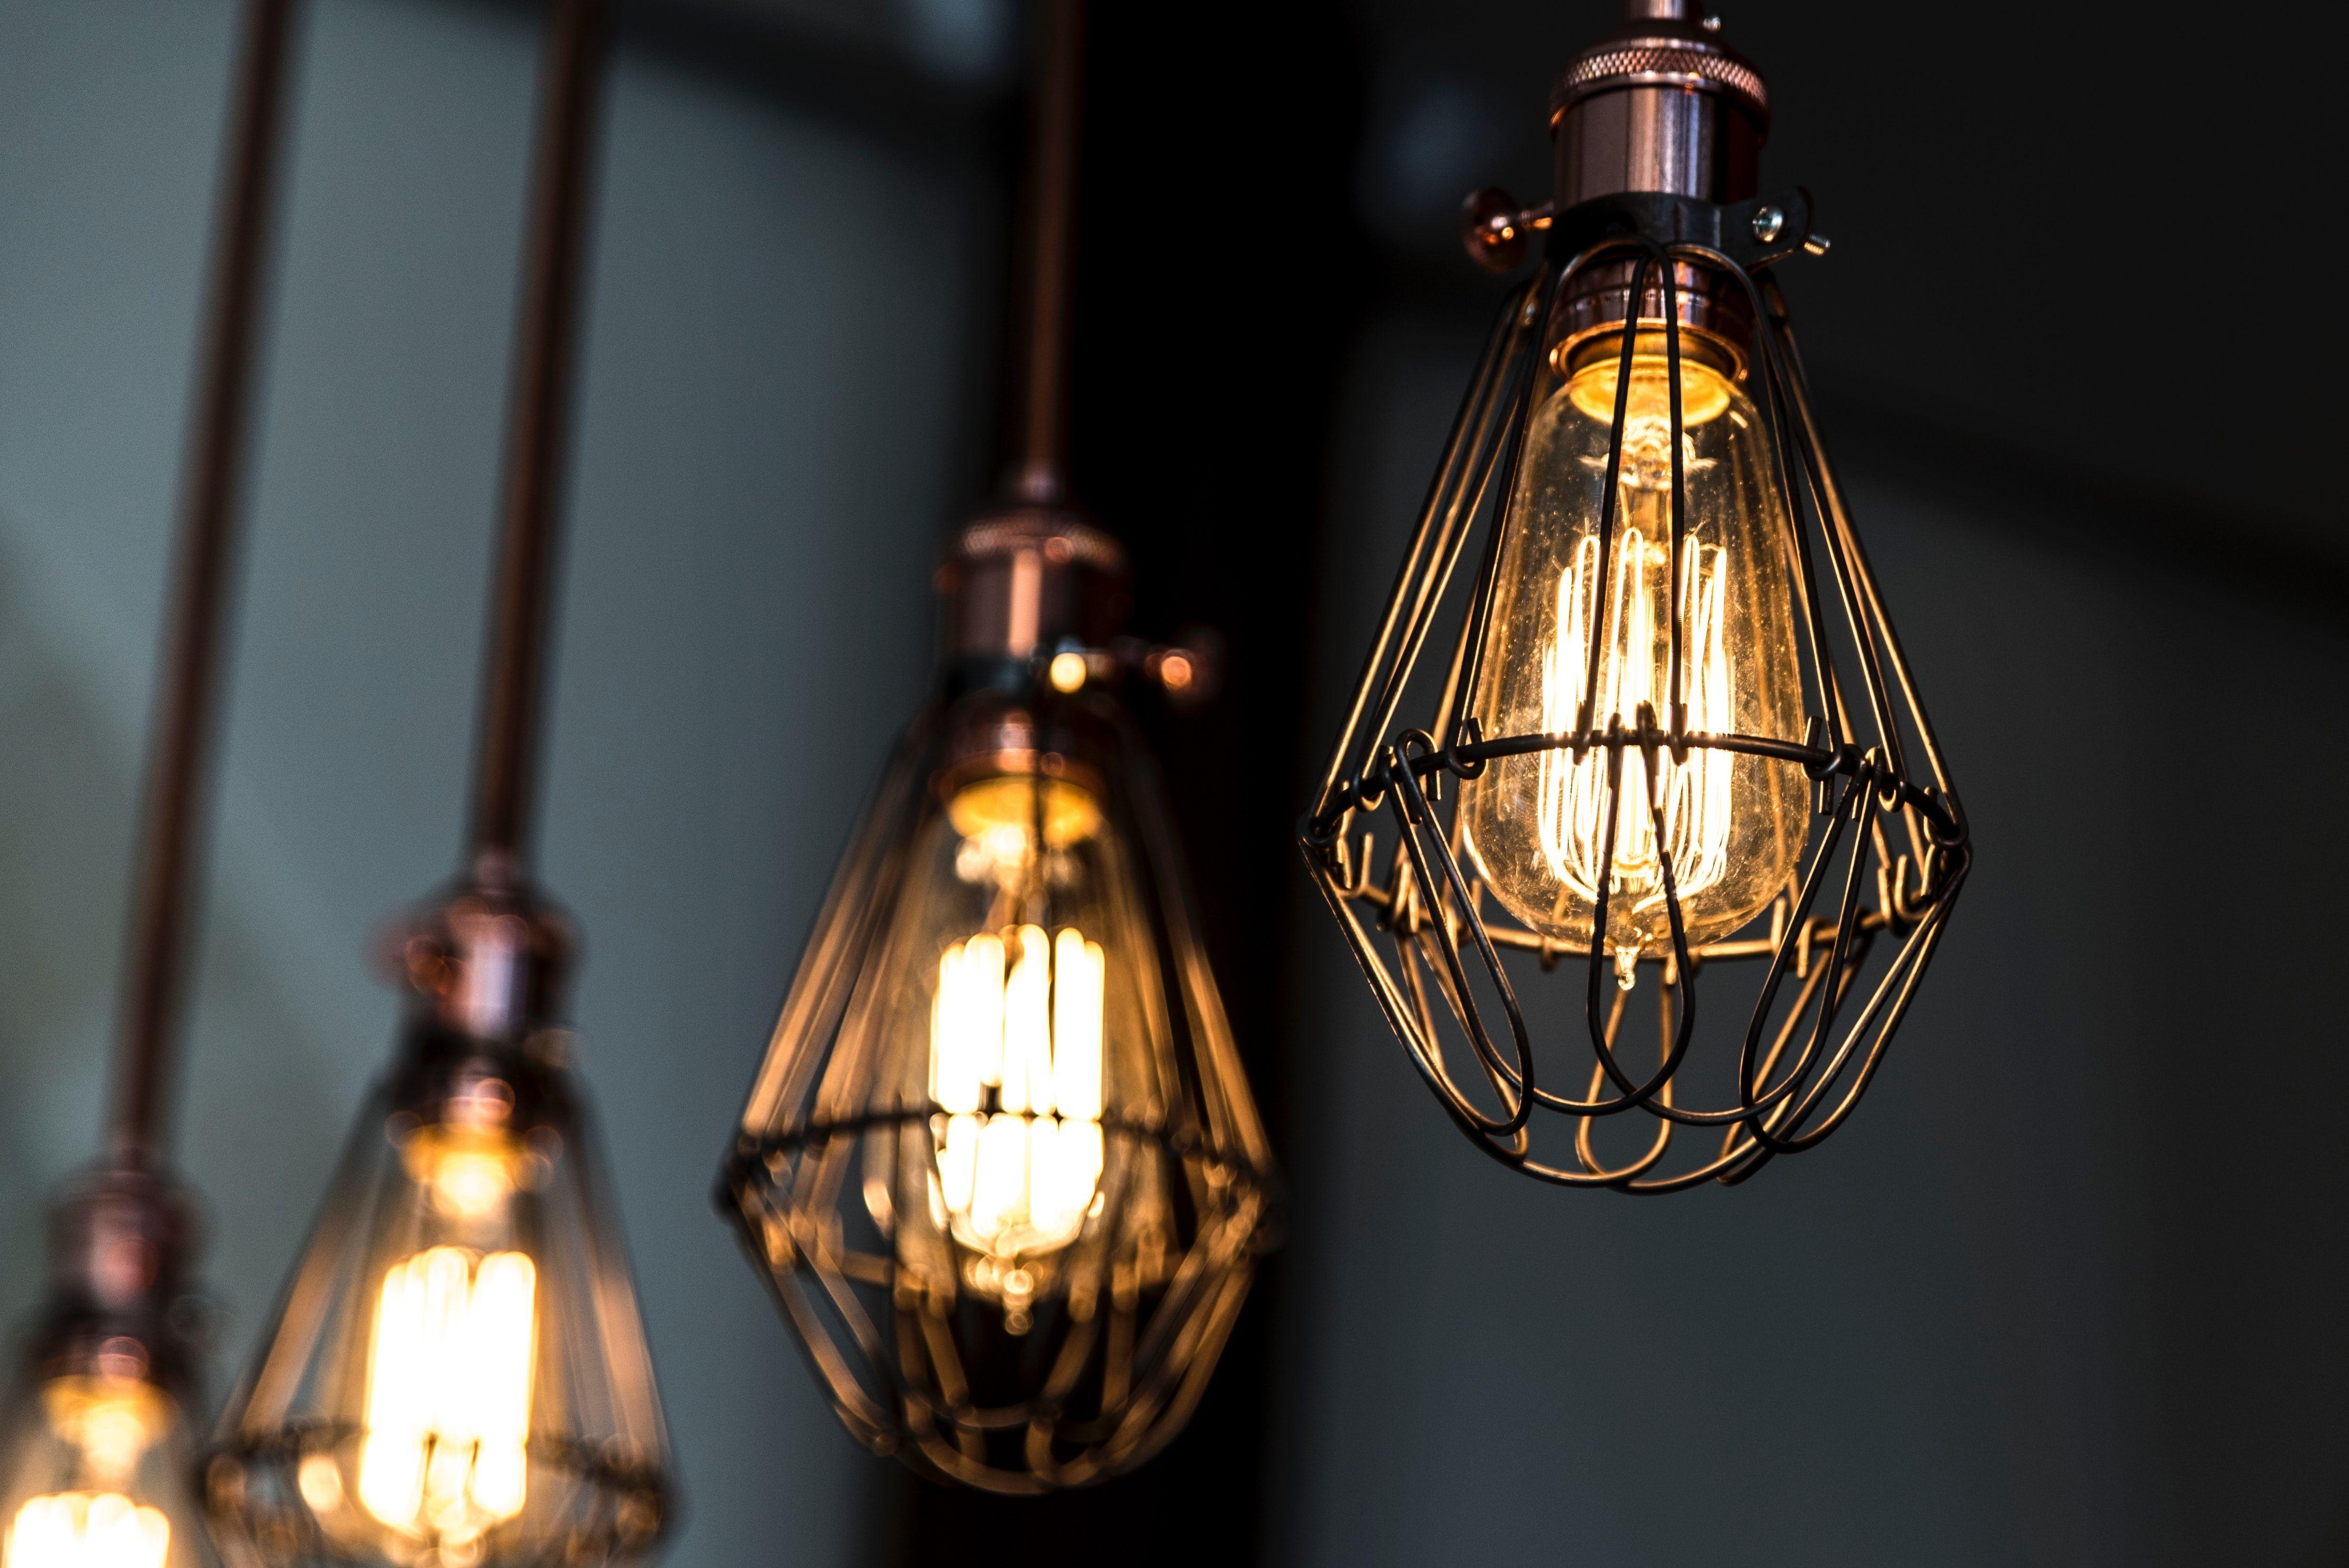 Kupferfassung Mit Schutzkorb Und Vintageleuchtmittel Je Nach Gestaltung Kann Dies Mit Einfachen Mitteln Unterstric In 2020 Beleuchtungskonzepte Gluhbirne Led Leuchten